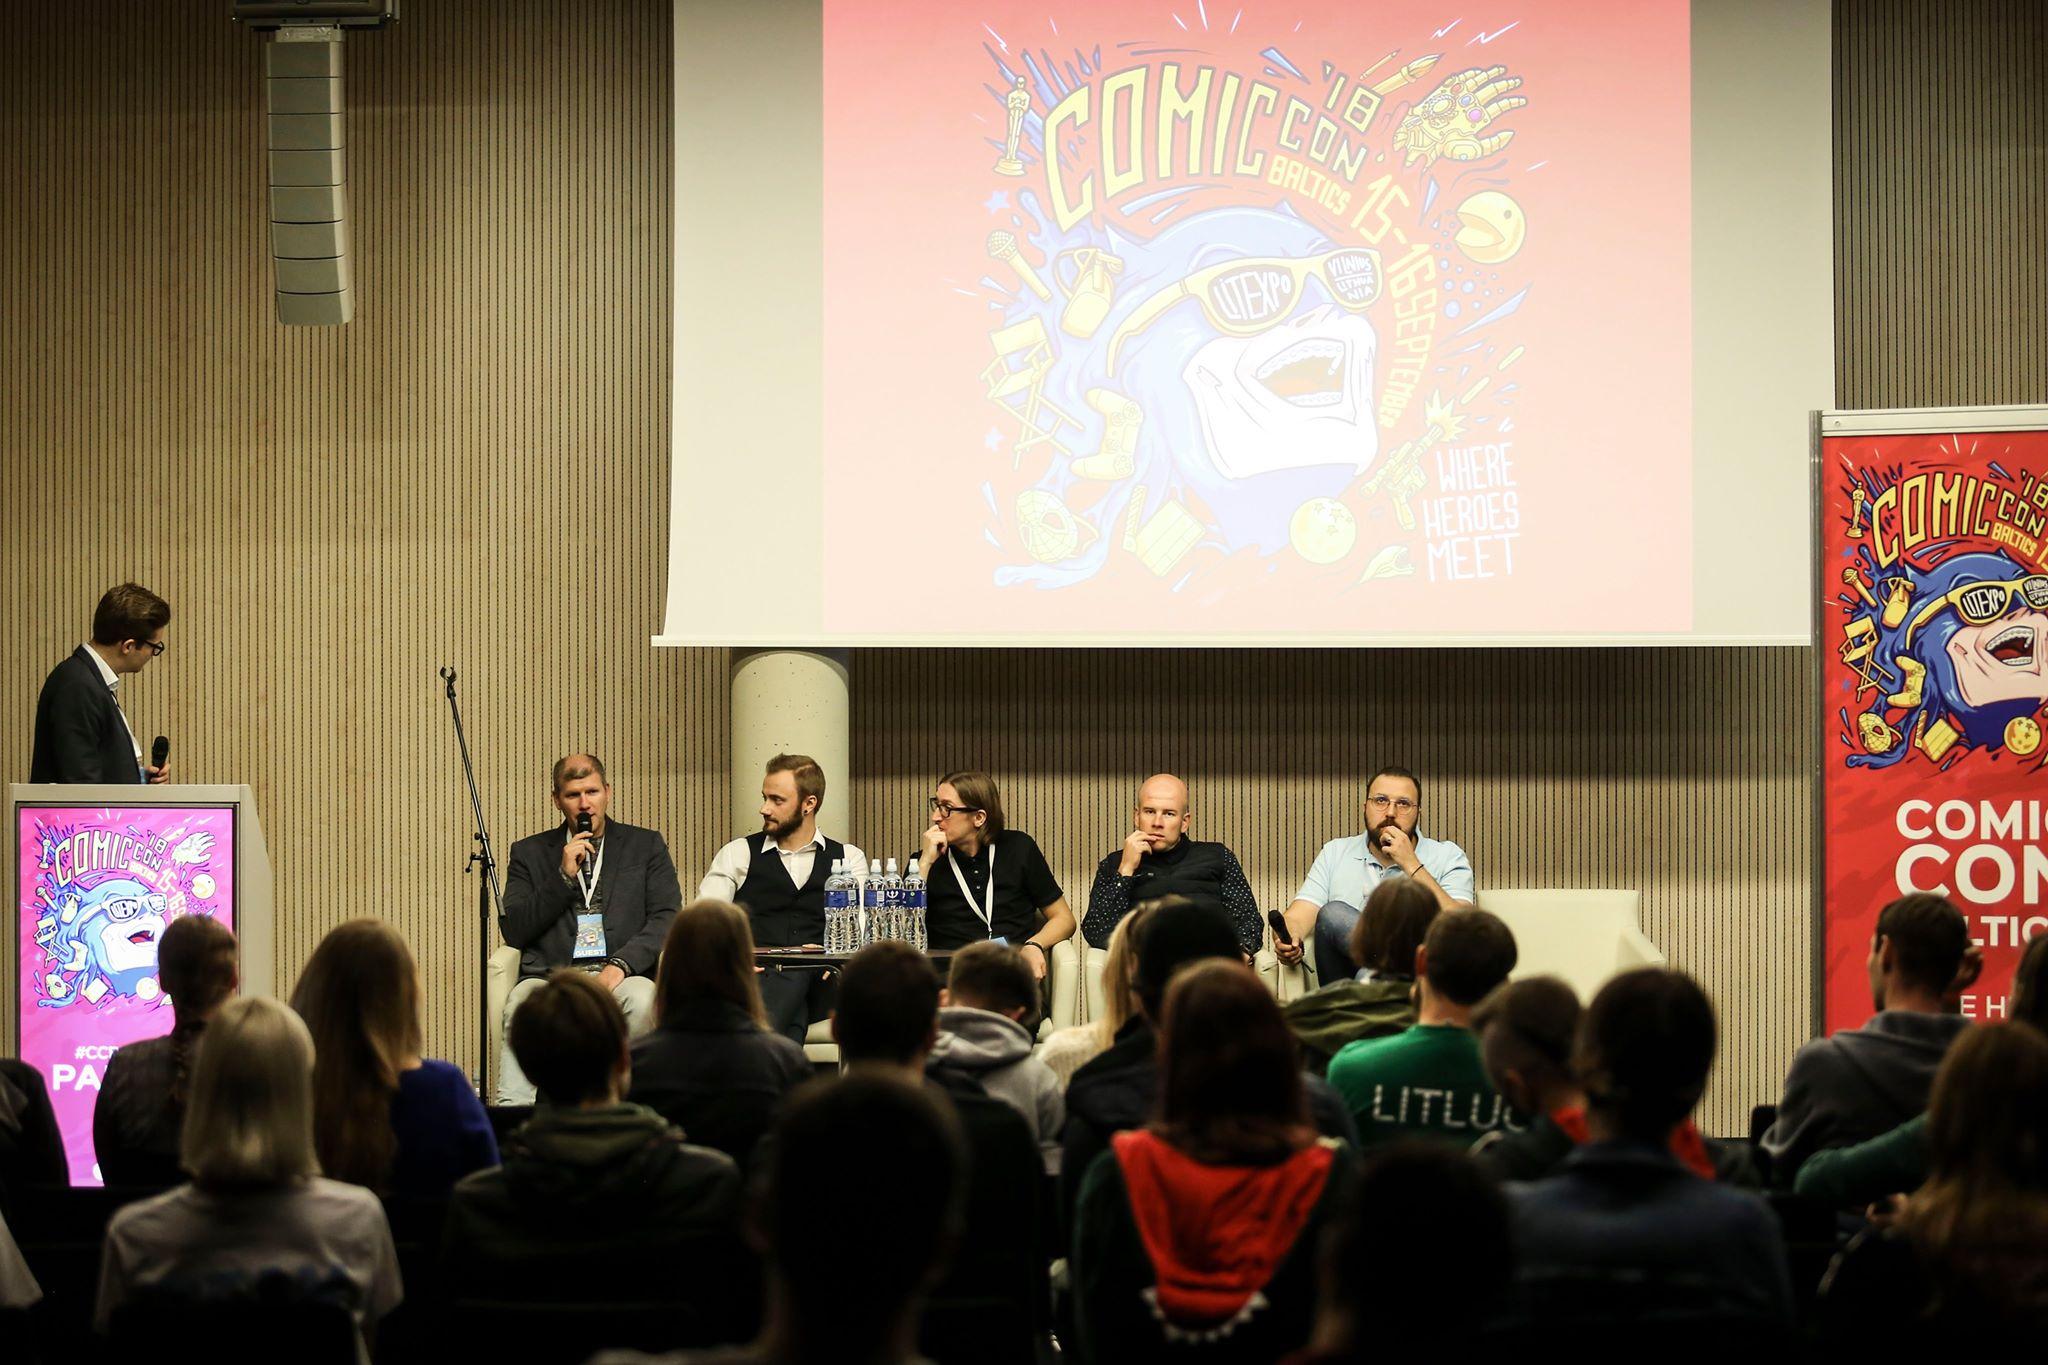 Lietuvos filmų kūrėjams – unikali galimybė pristatyti dar tik kuriamus projektus